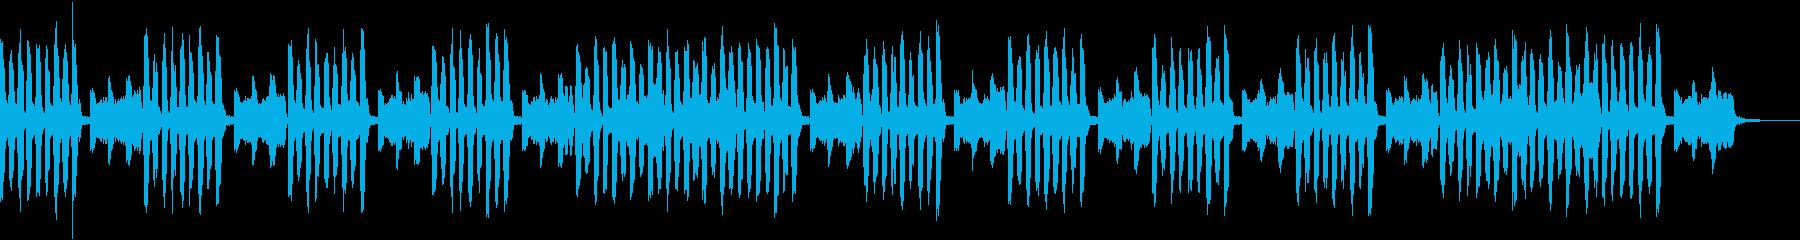 ペットのユーモラスな動きをイメージの再生済みの波形